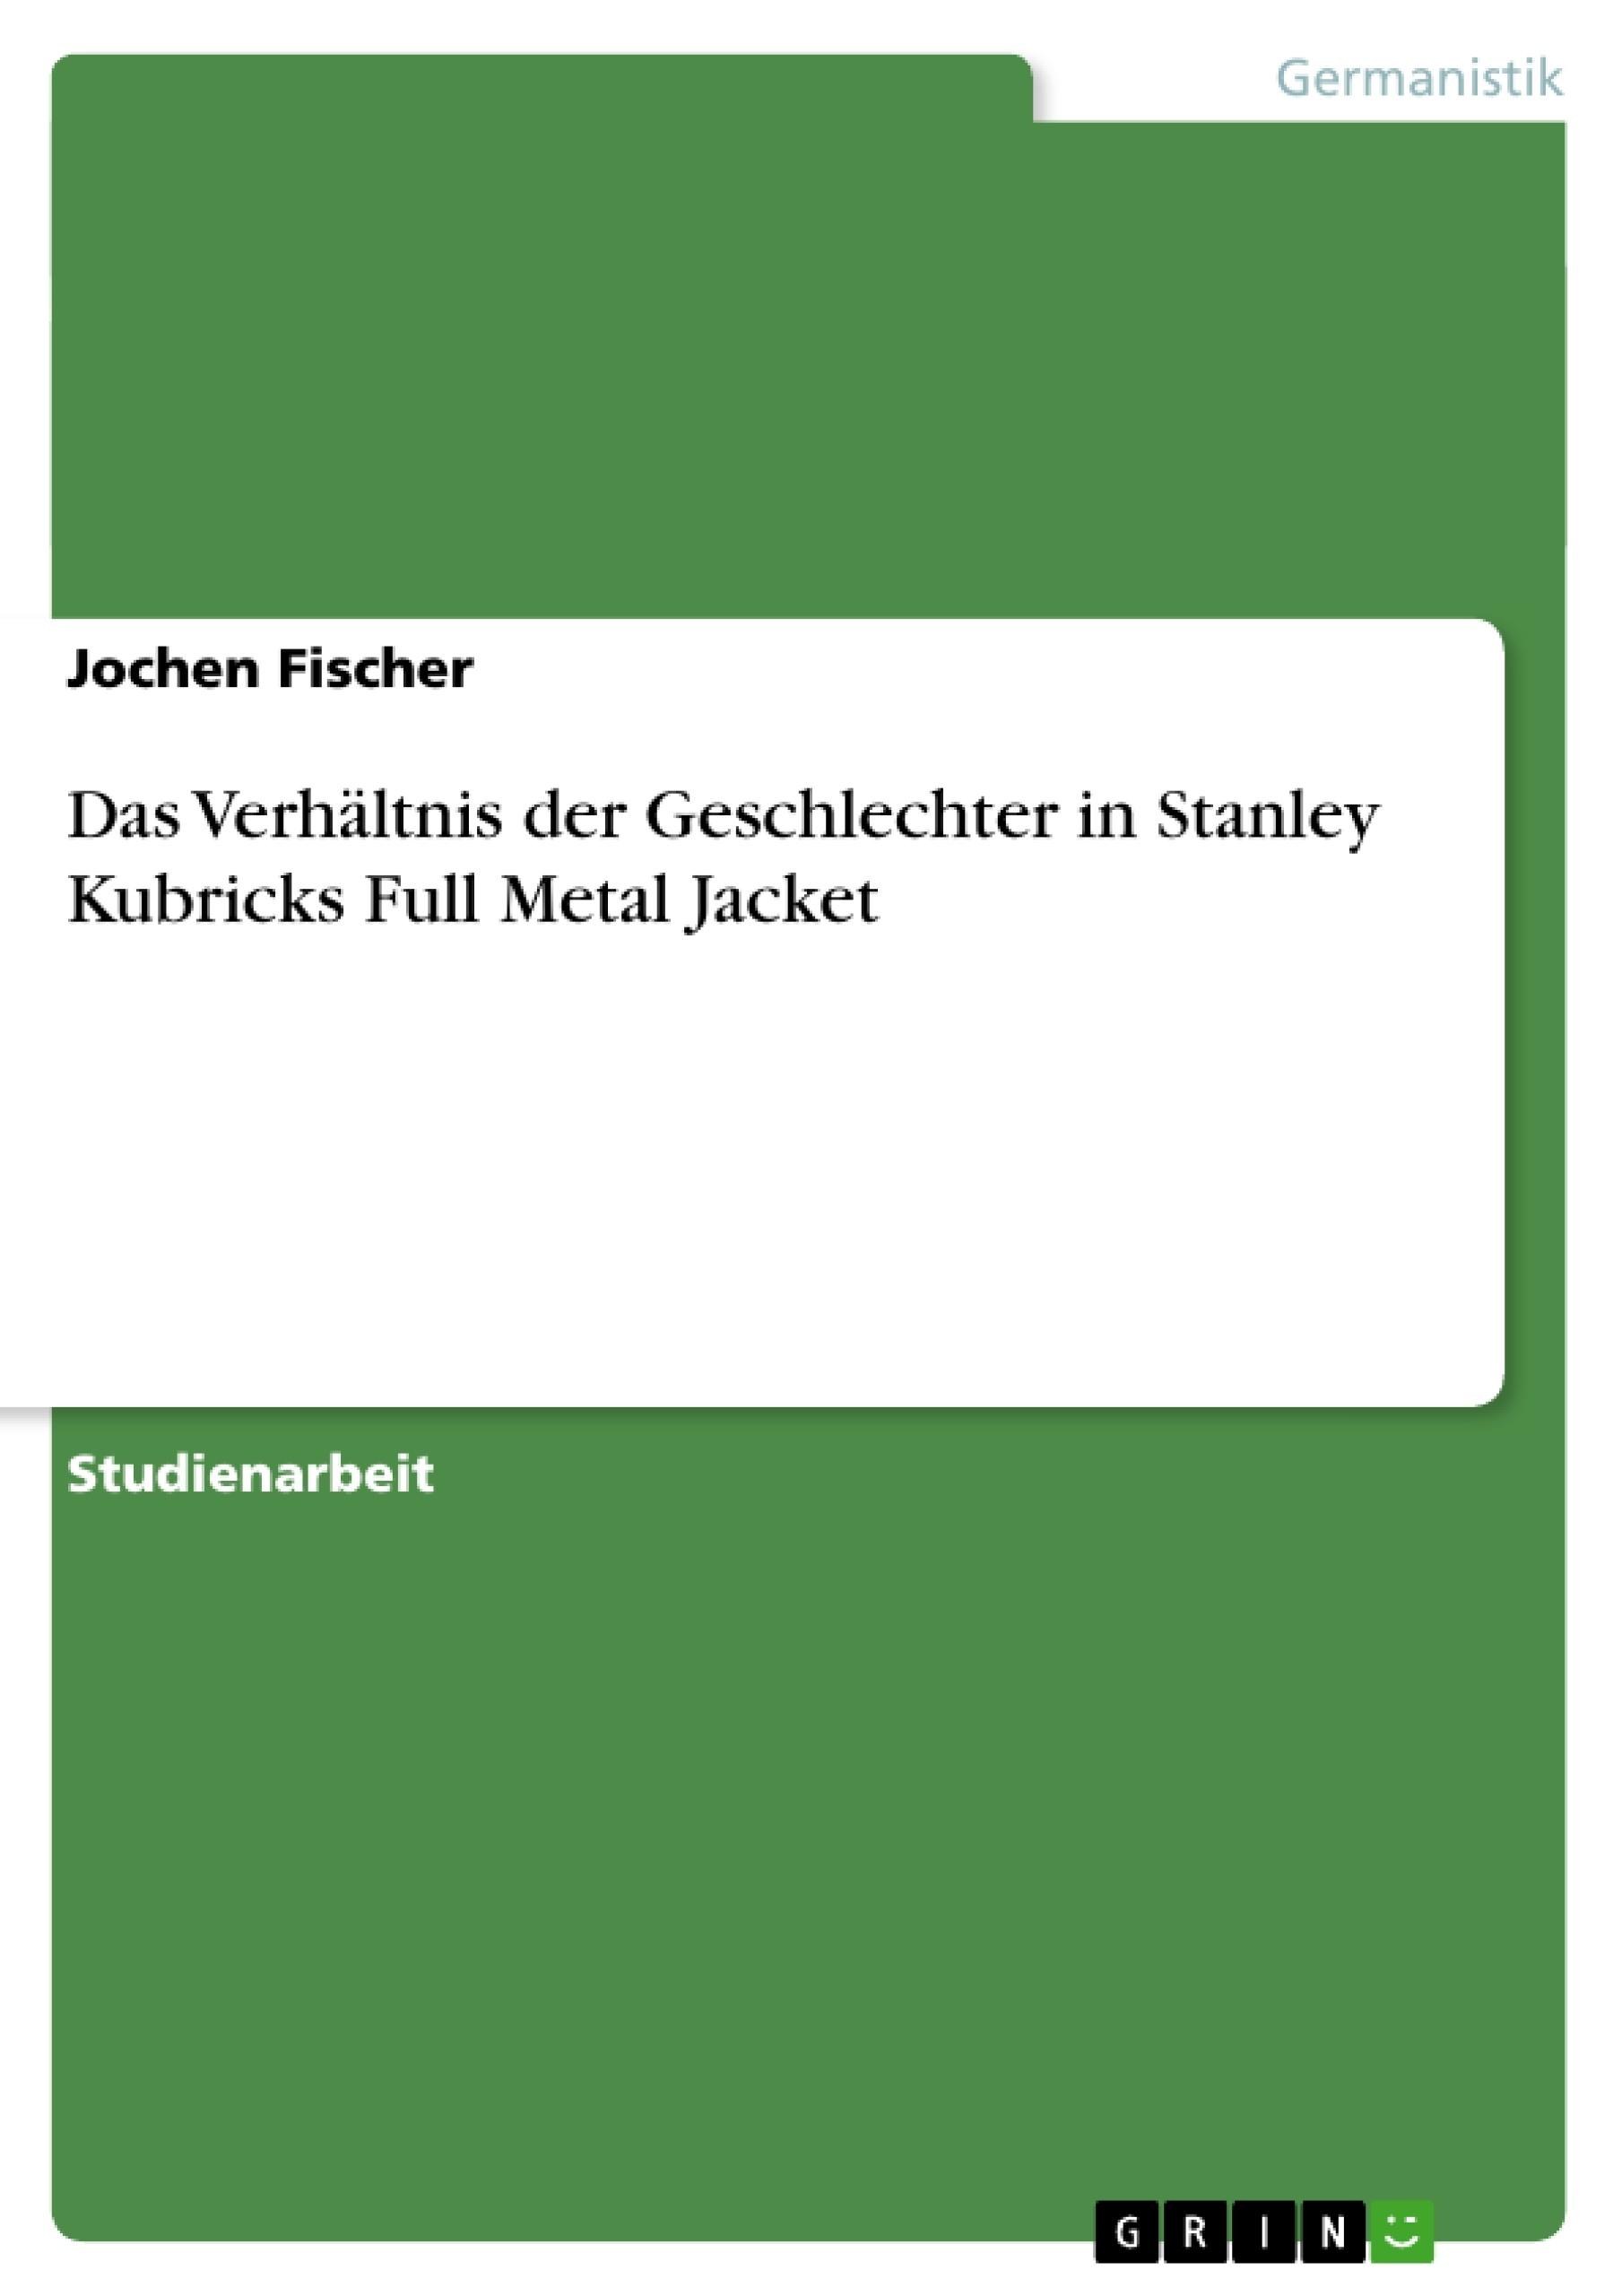 Titel: Das Verhältnis der Geschlechter in Stanley Kubricks Full Metal Jacket